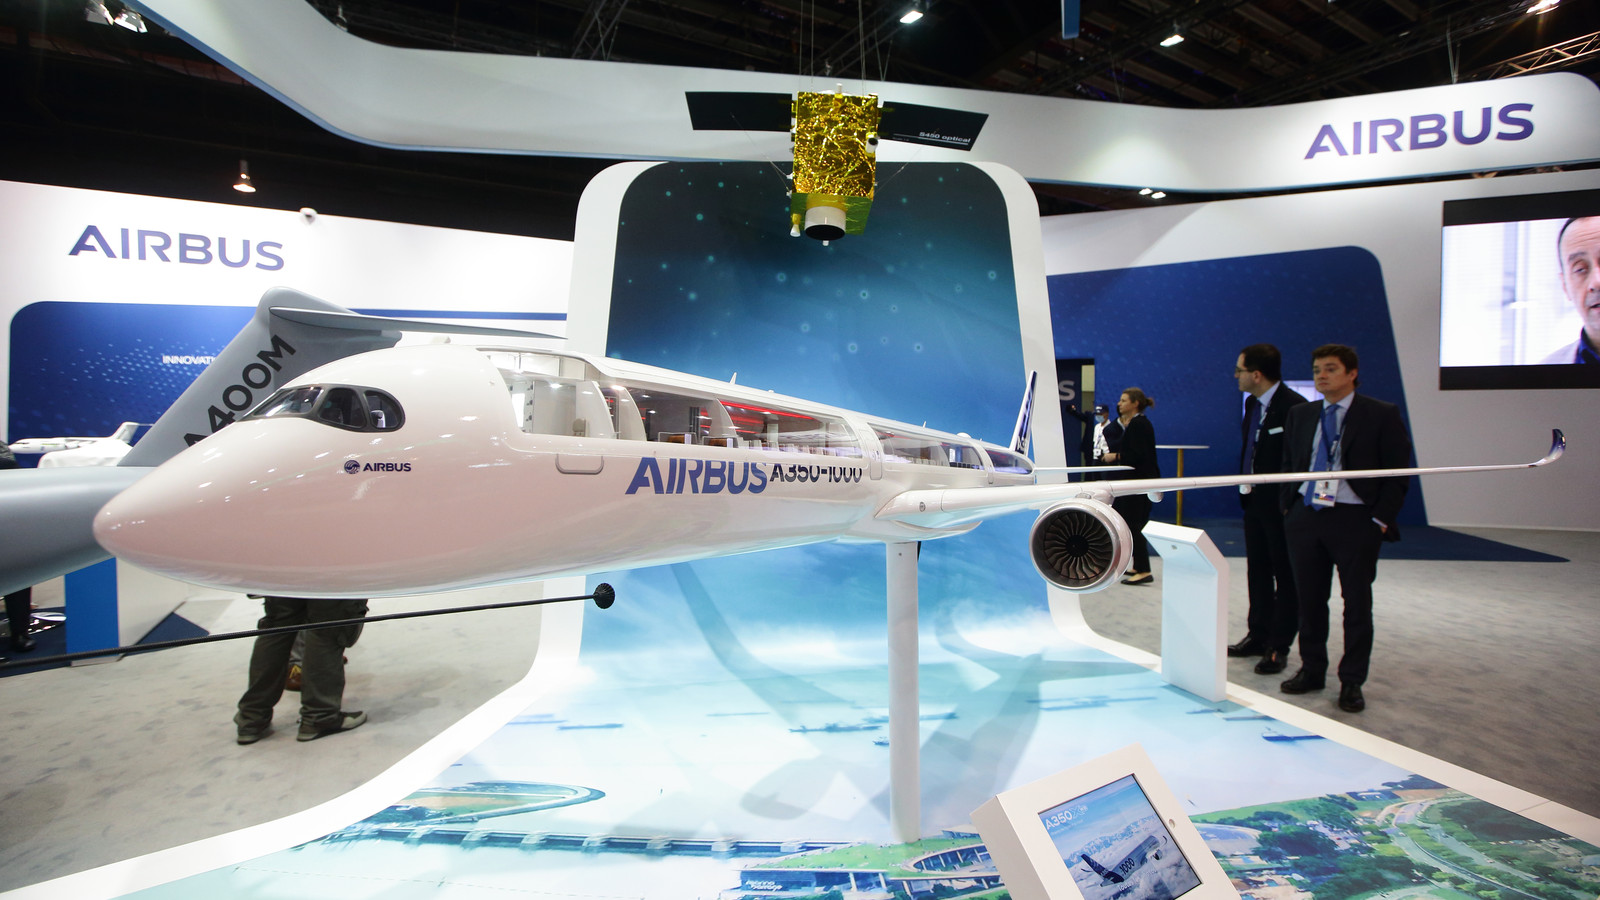 Het nieuwe type A350-1000 van de Europese vliegtuigbouwer Airbus op een luchtvaartshow in Singapore eerder deze week.